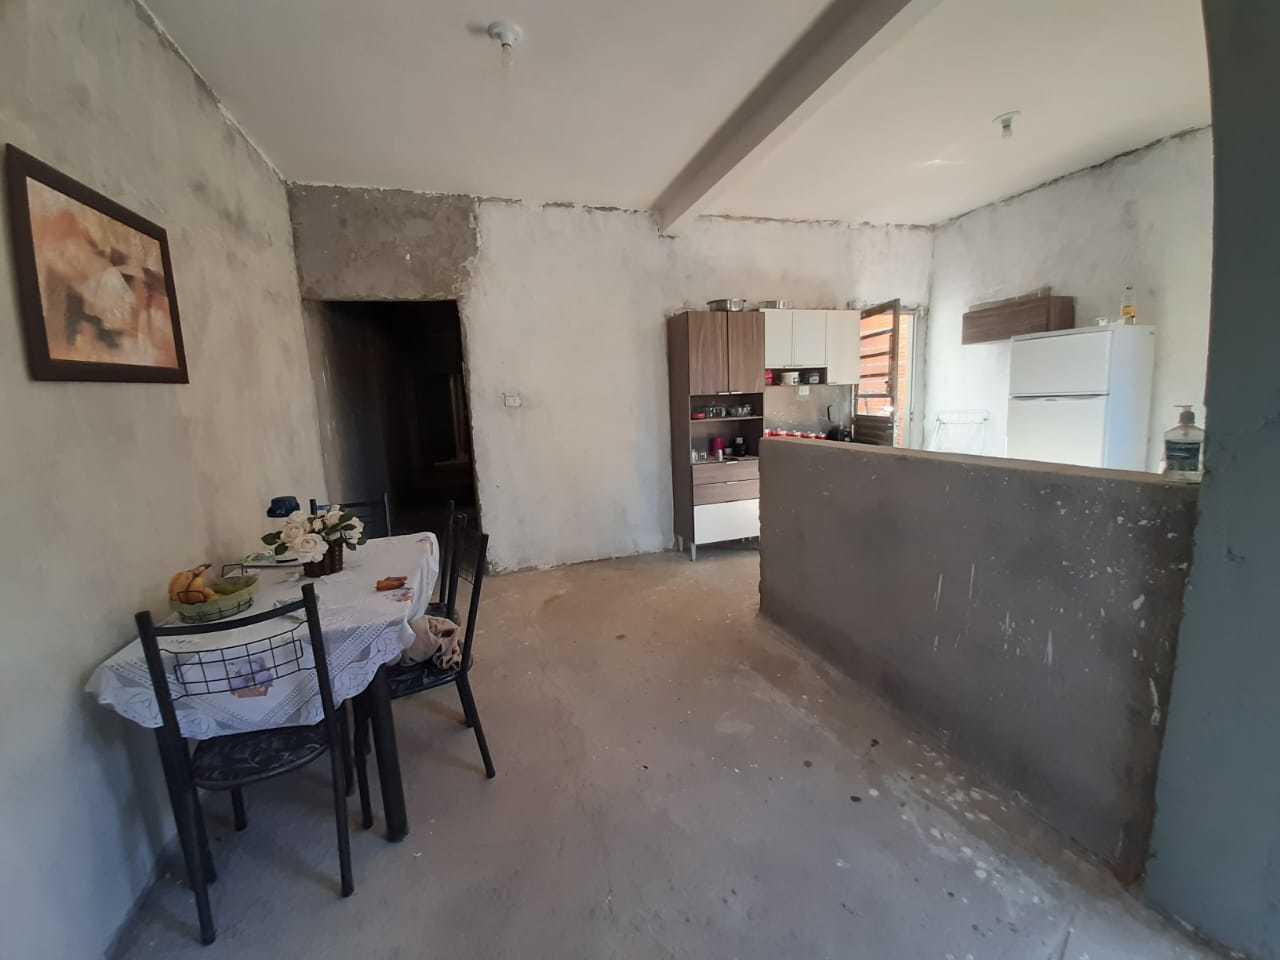 Apesar da falta de piso e pintura, Irani já decora a própria casa. (Foto: Arquivo Pessoal)